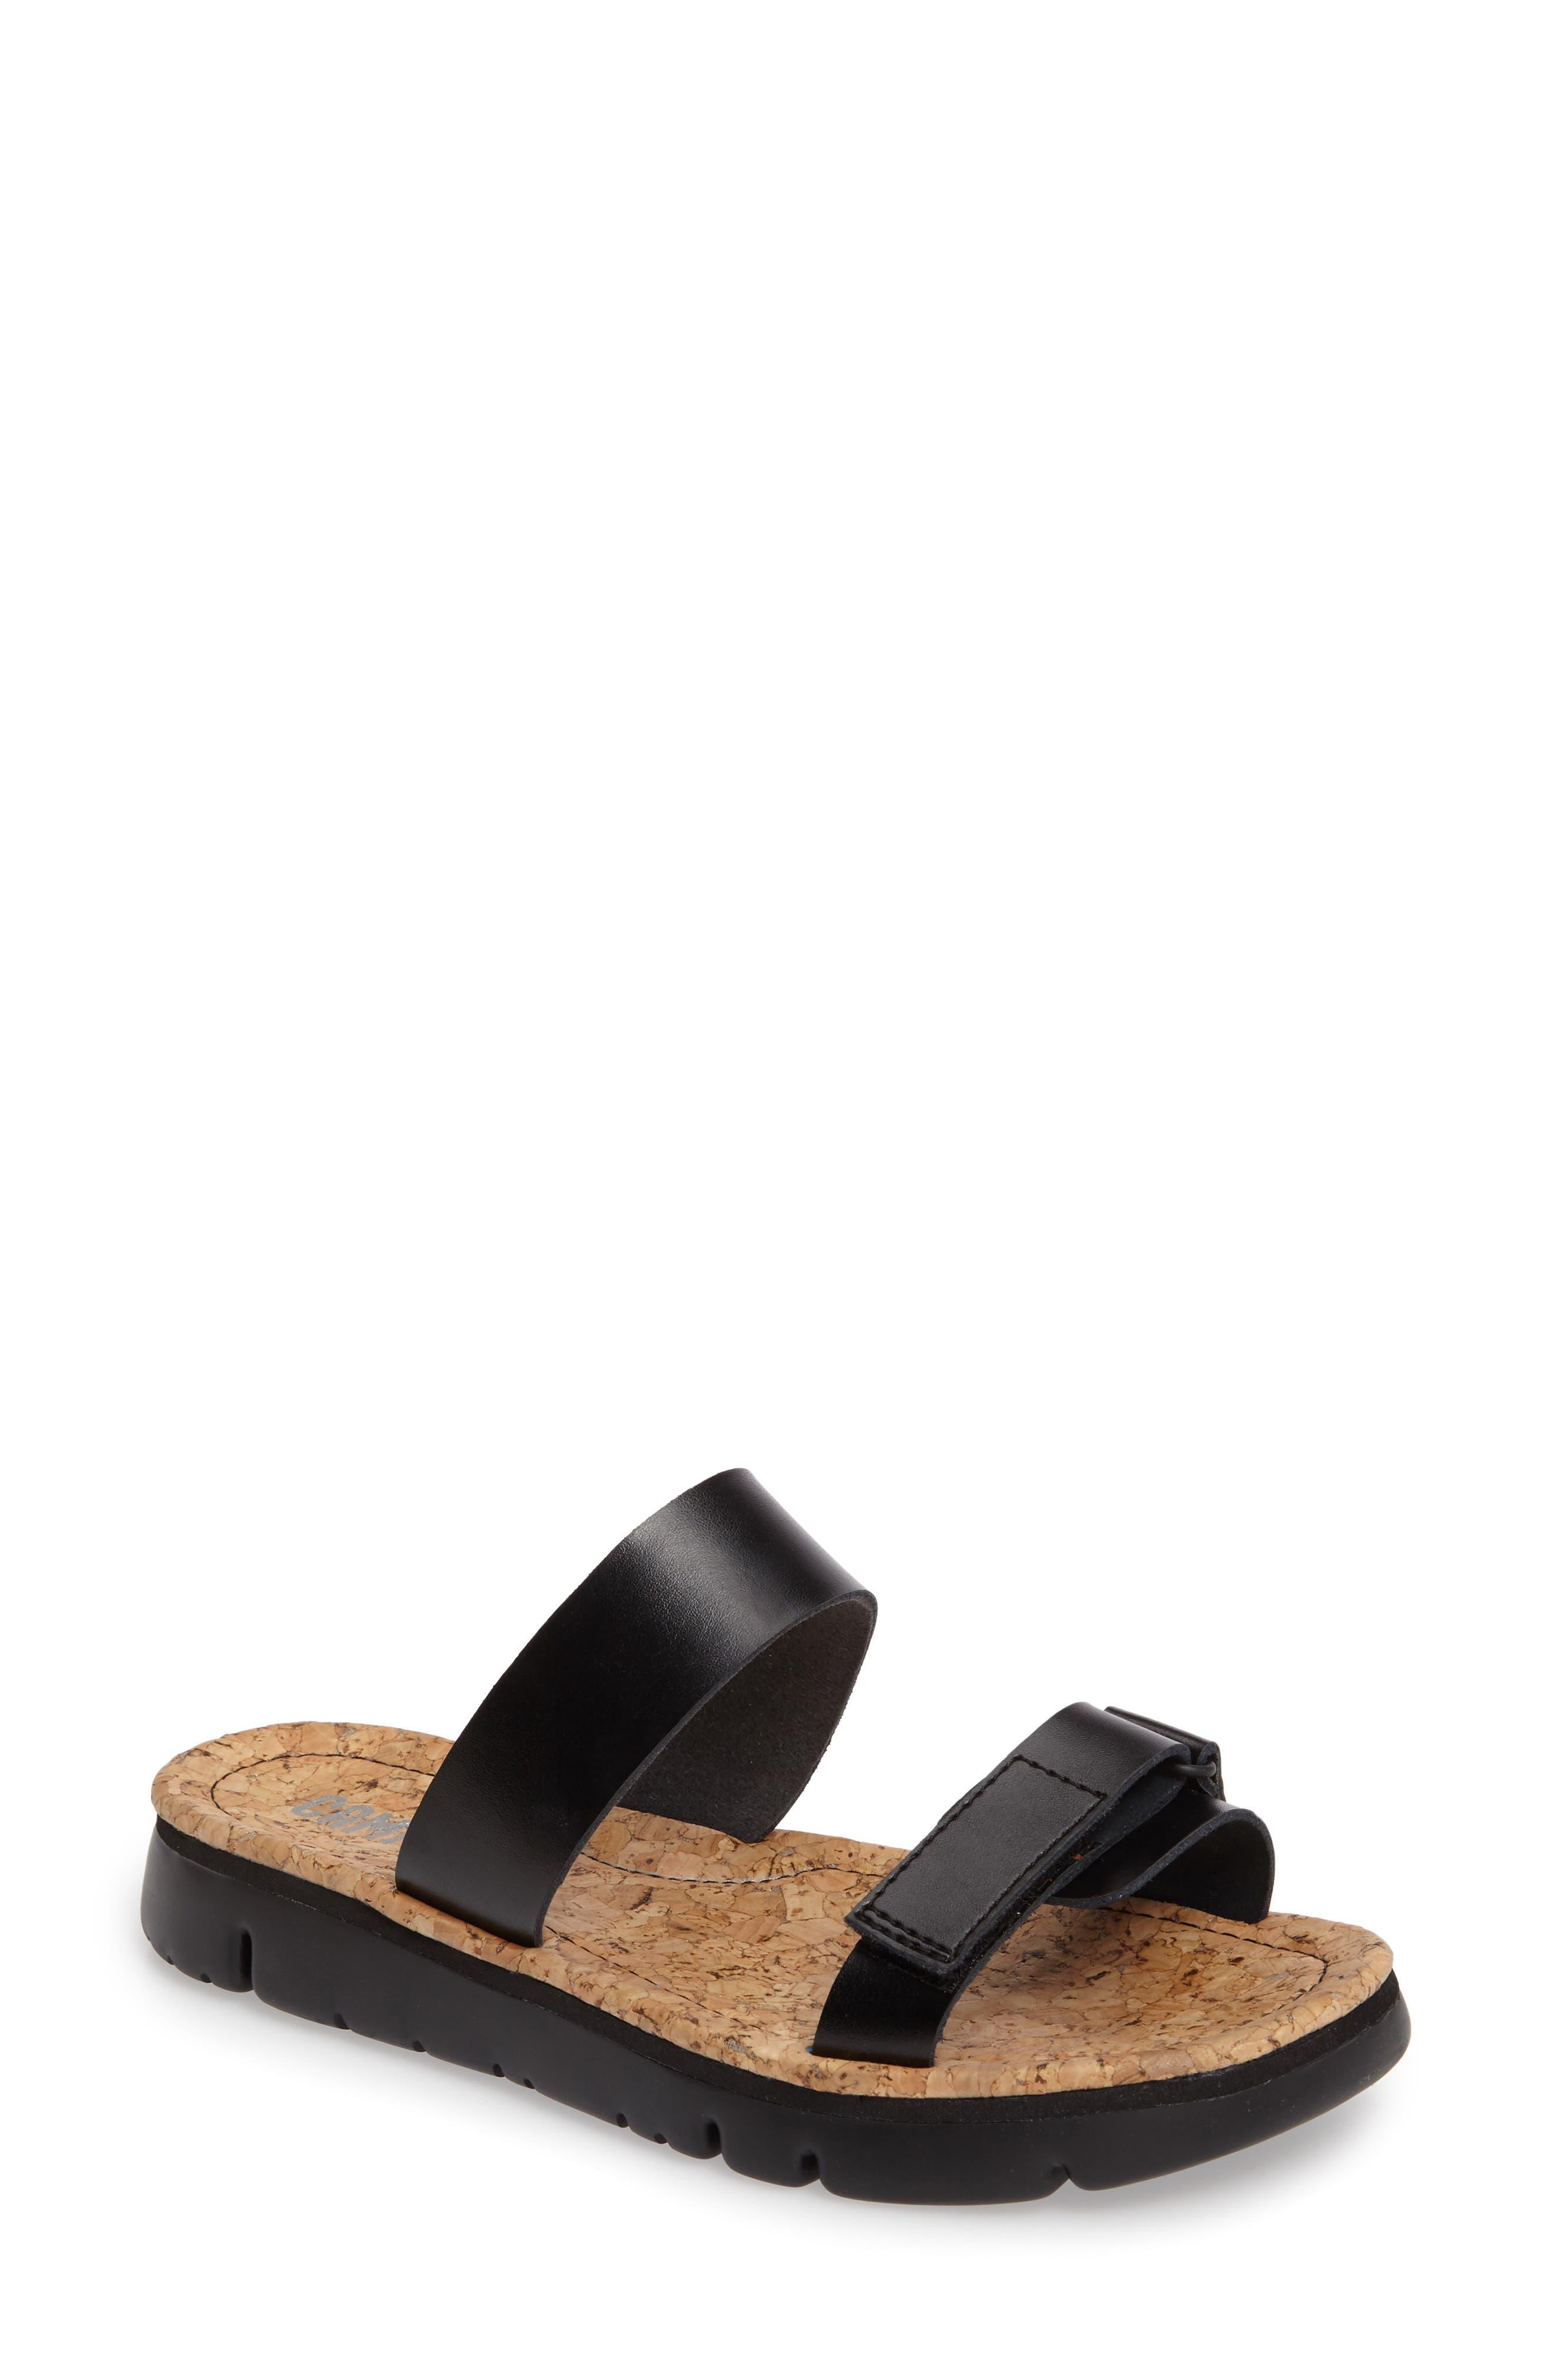 'Oruga' Two Strap Slide Sandal,                             Main thumbnail 1, color,                             BLACK